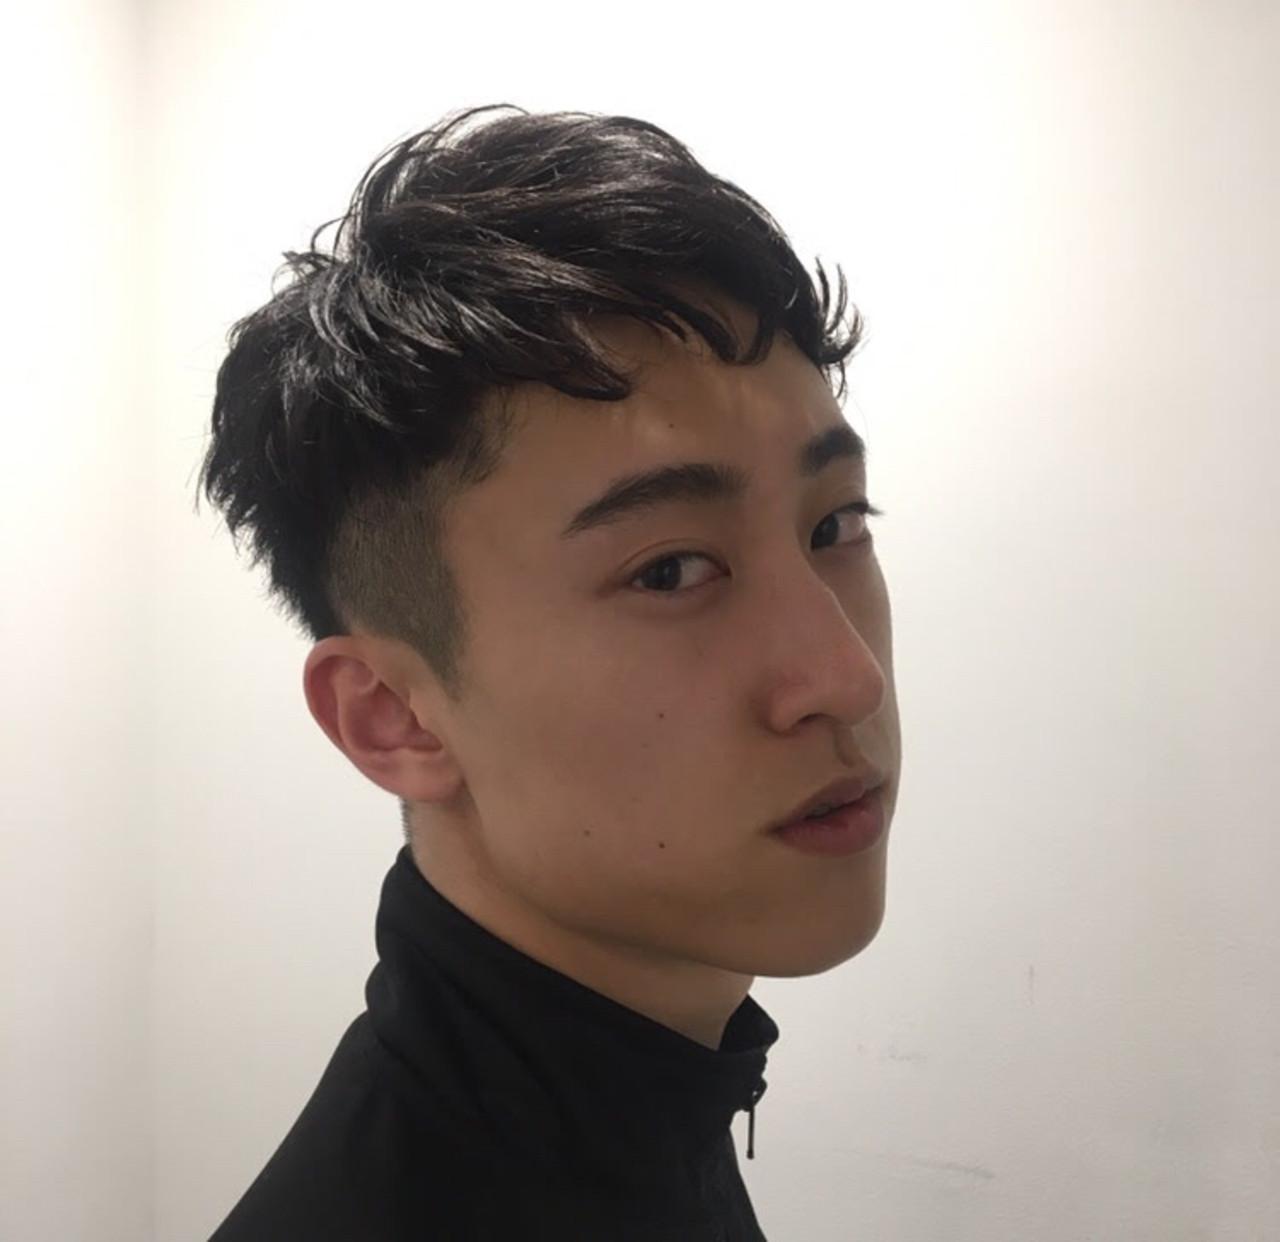 ツーブロック メンズカット ナチュラル メンズショート ヘアスタイルや髪型の写真・画像